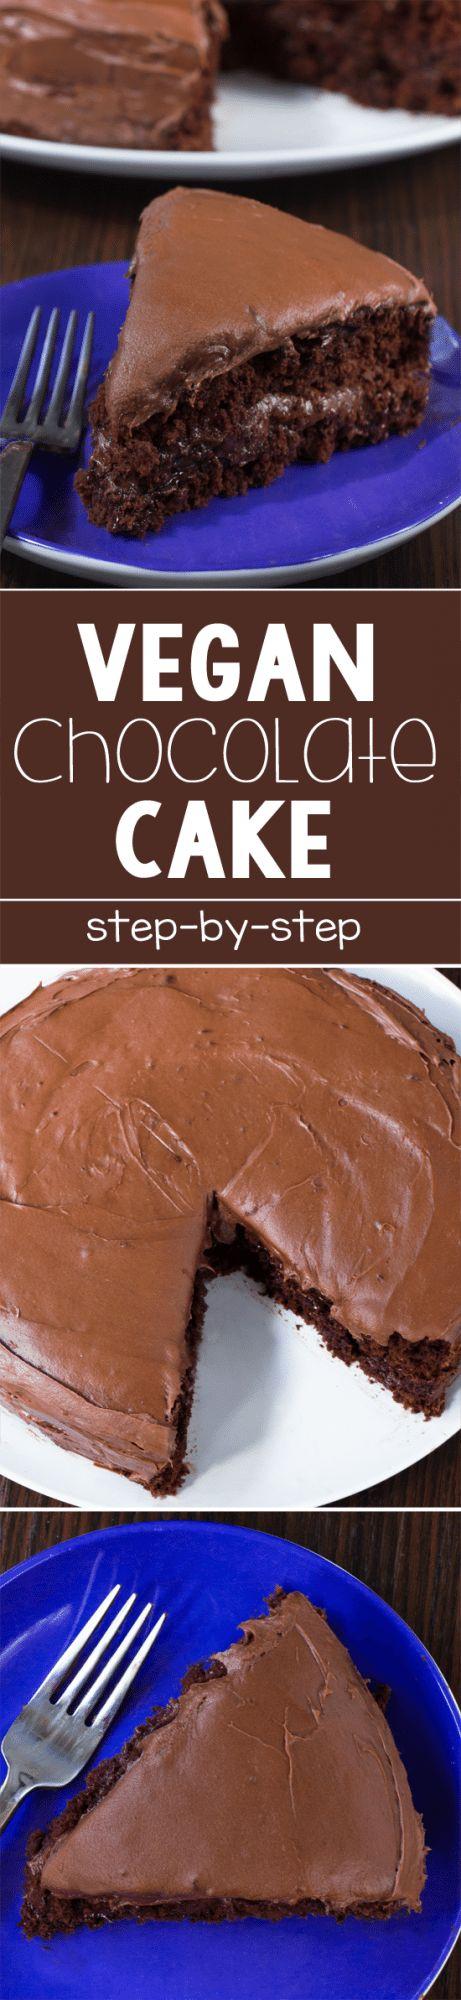 Make This Epic Vegan Chocolate Cake